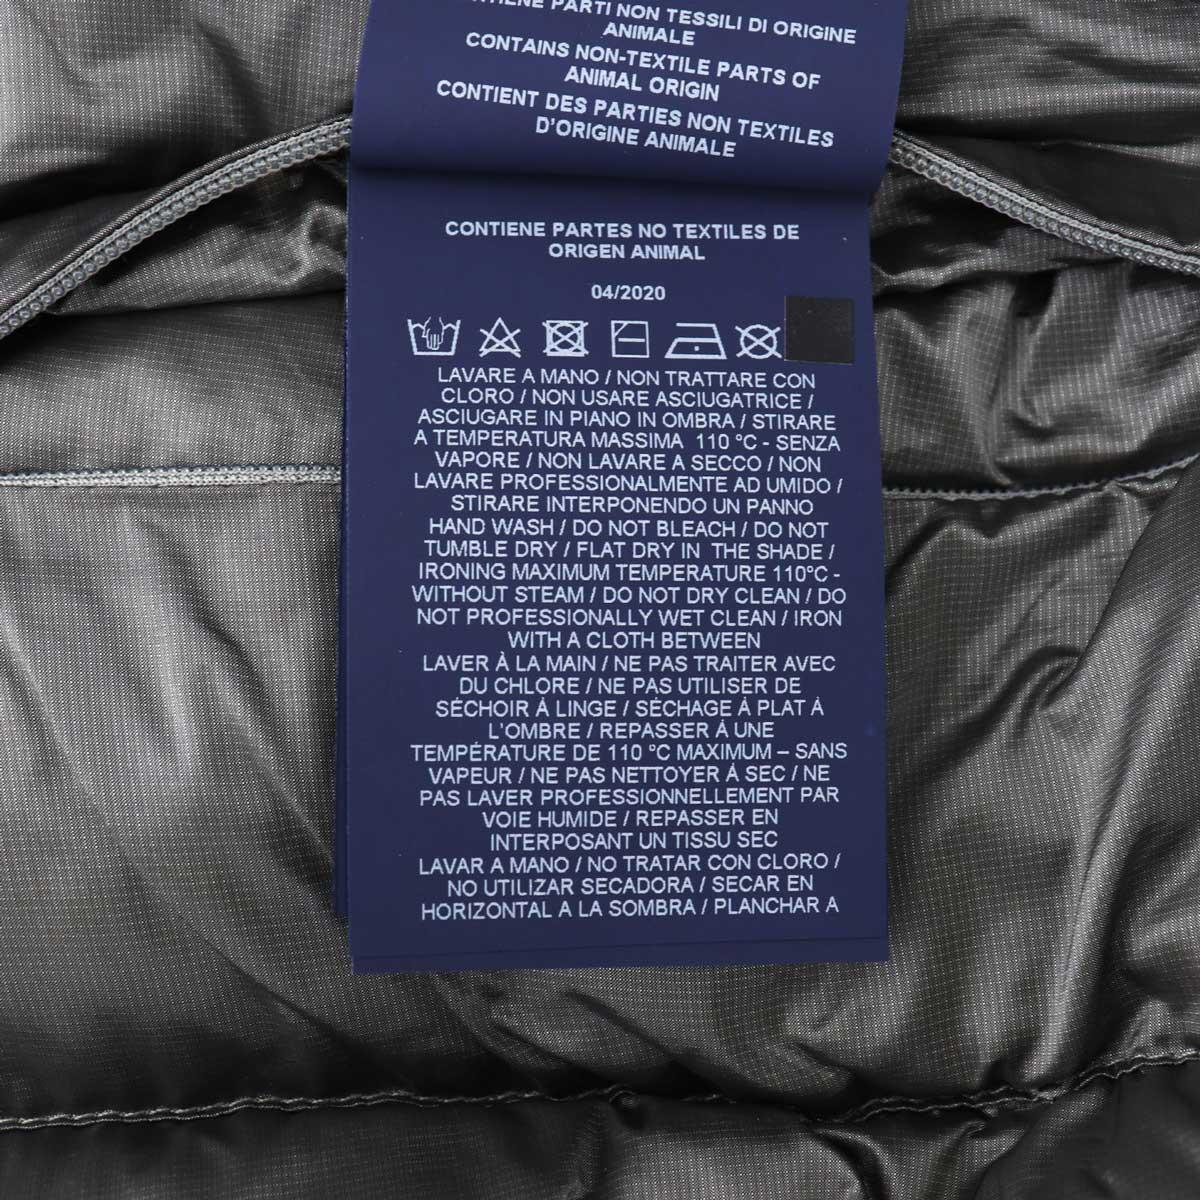 【動画付き】2020-21年秋冬新作 国内正規品 HERNO ヘルノRESORT LINE リゾートライン メンズ リップストップナイロン フードダウンジャケット PI060UR 12344/I 9408(シルバー)